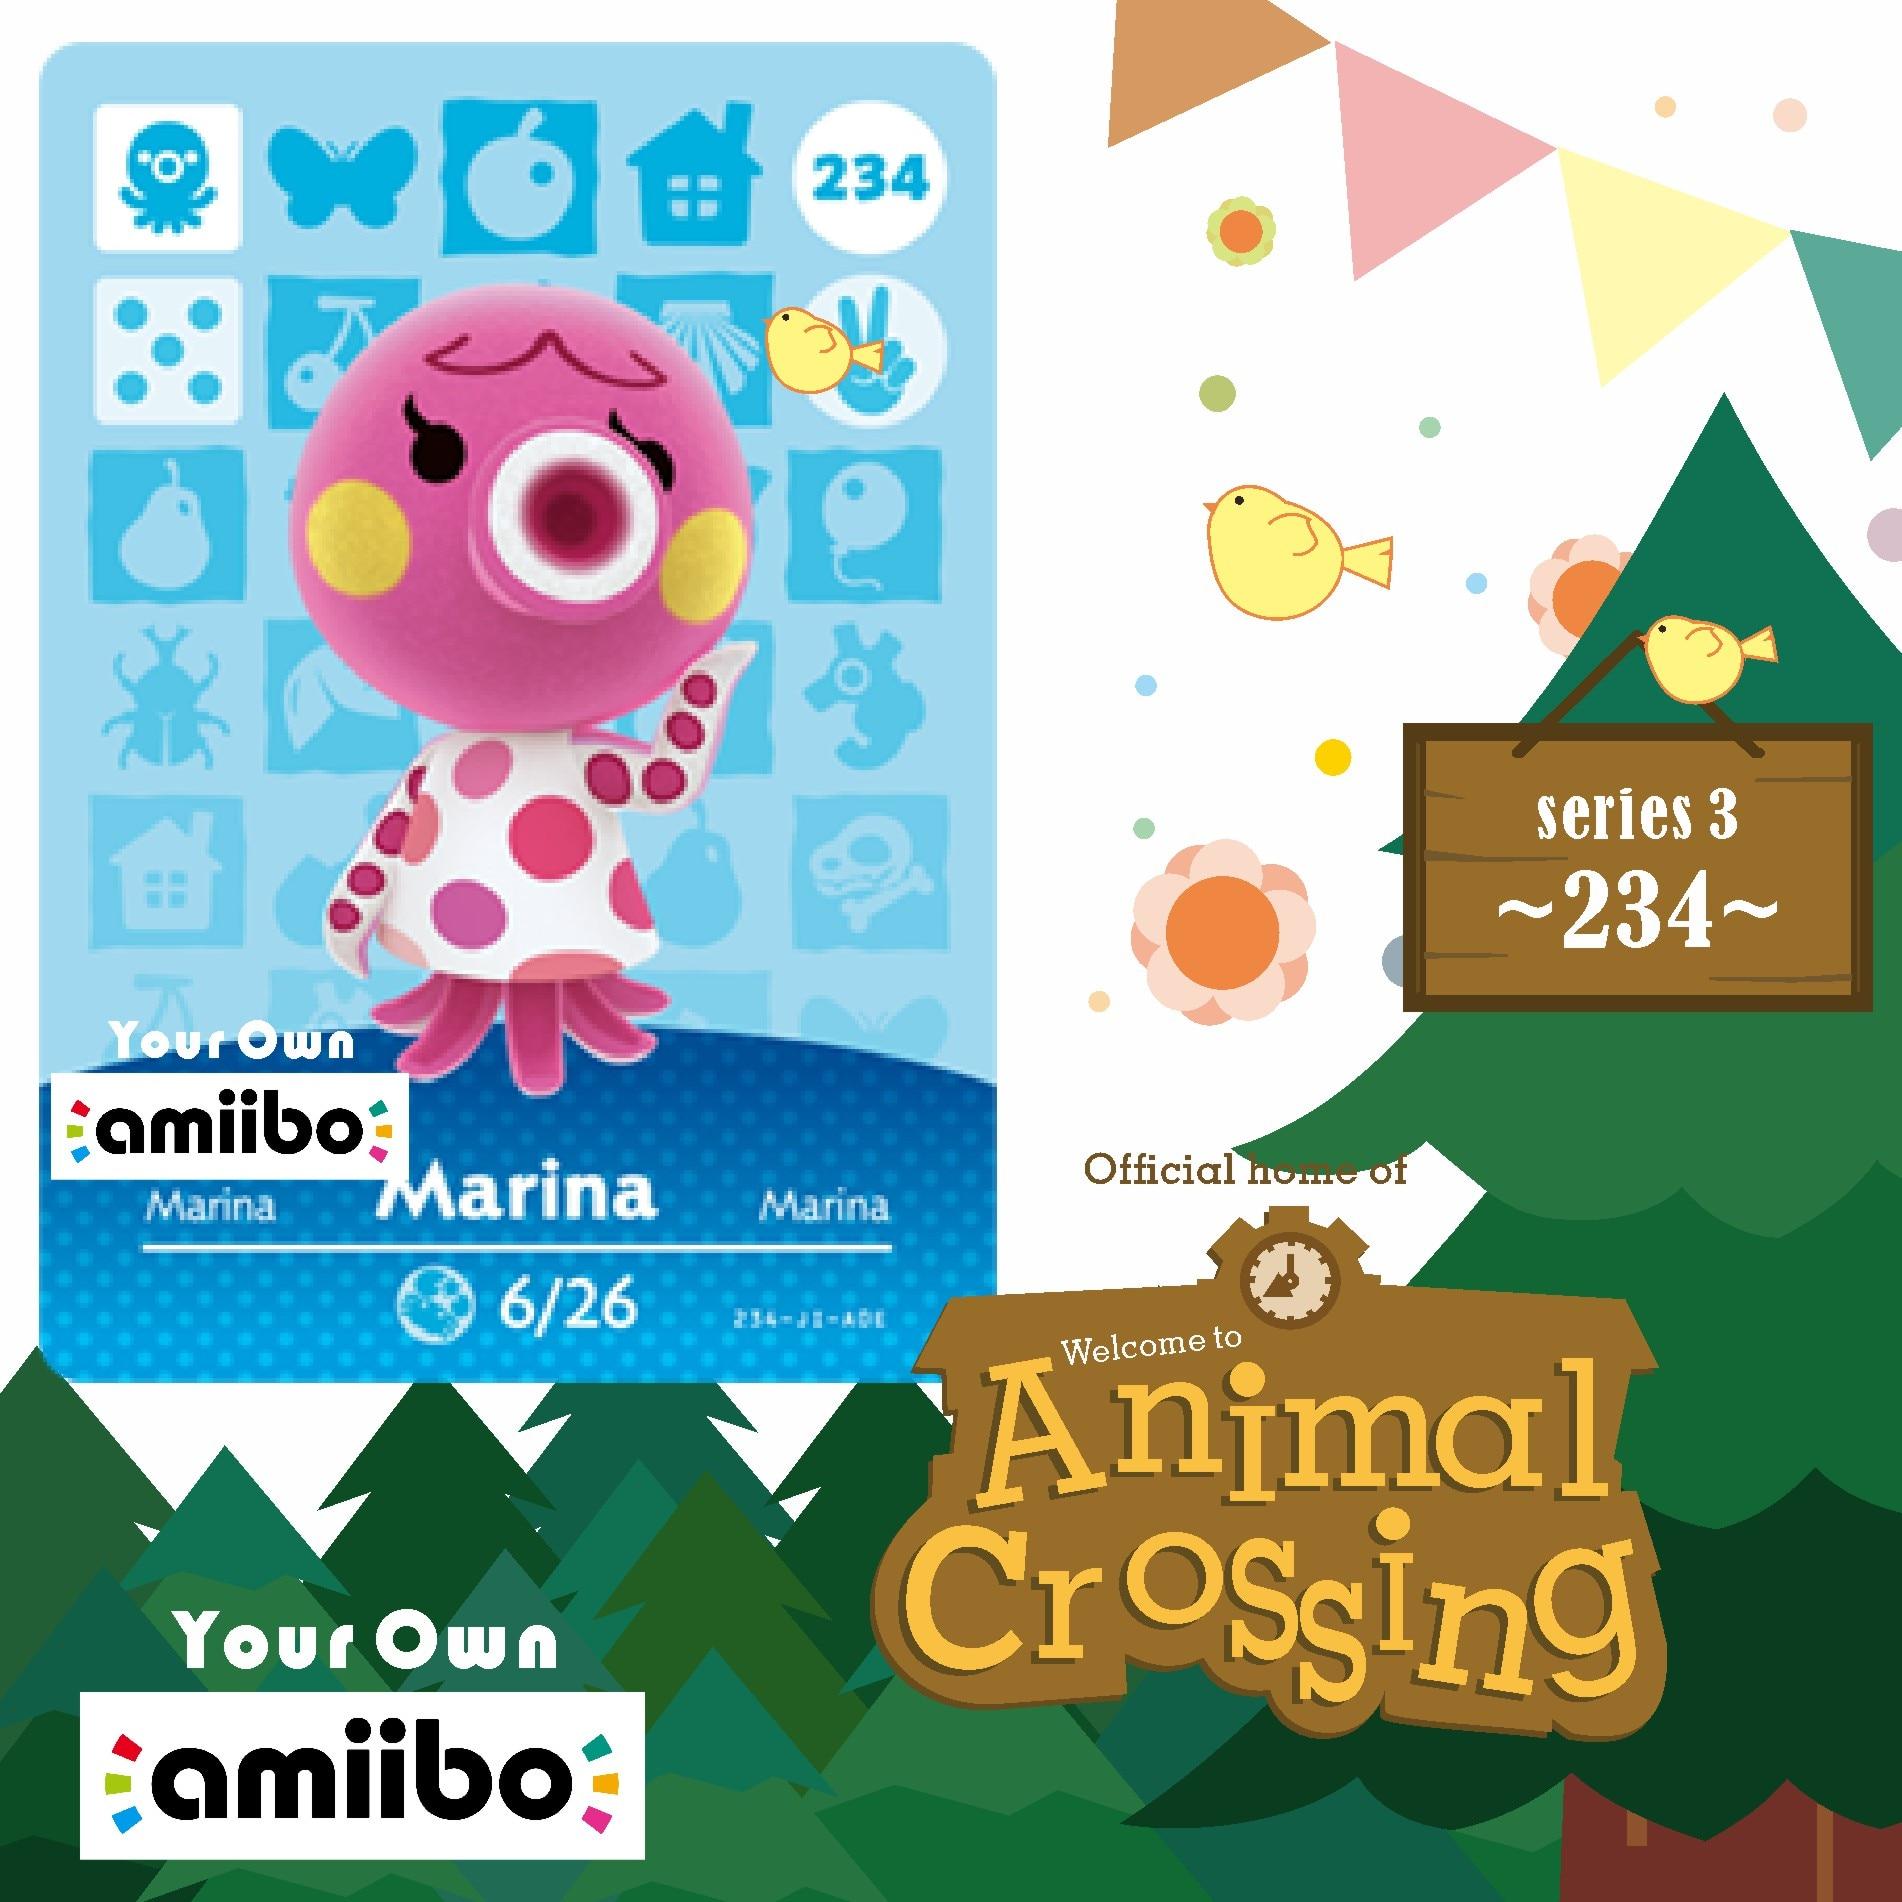 234 Marina Amiibo Card Animal Crossing Series 3 Marina Animal Crossing Amiibo Card Work For Ns Games Nfc Card Dropshipping